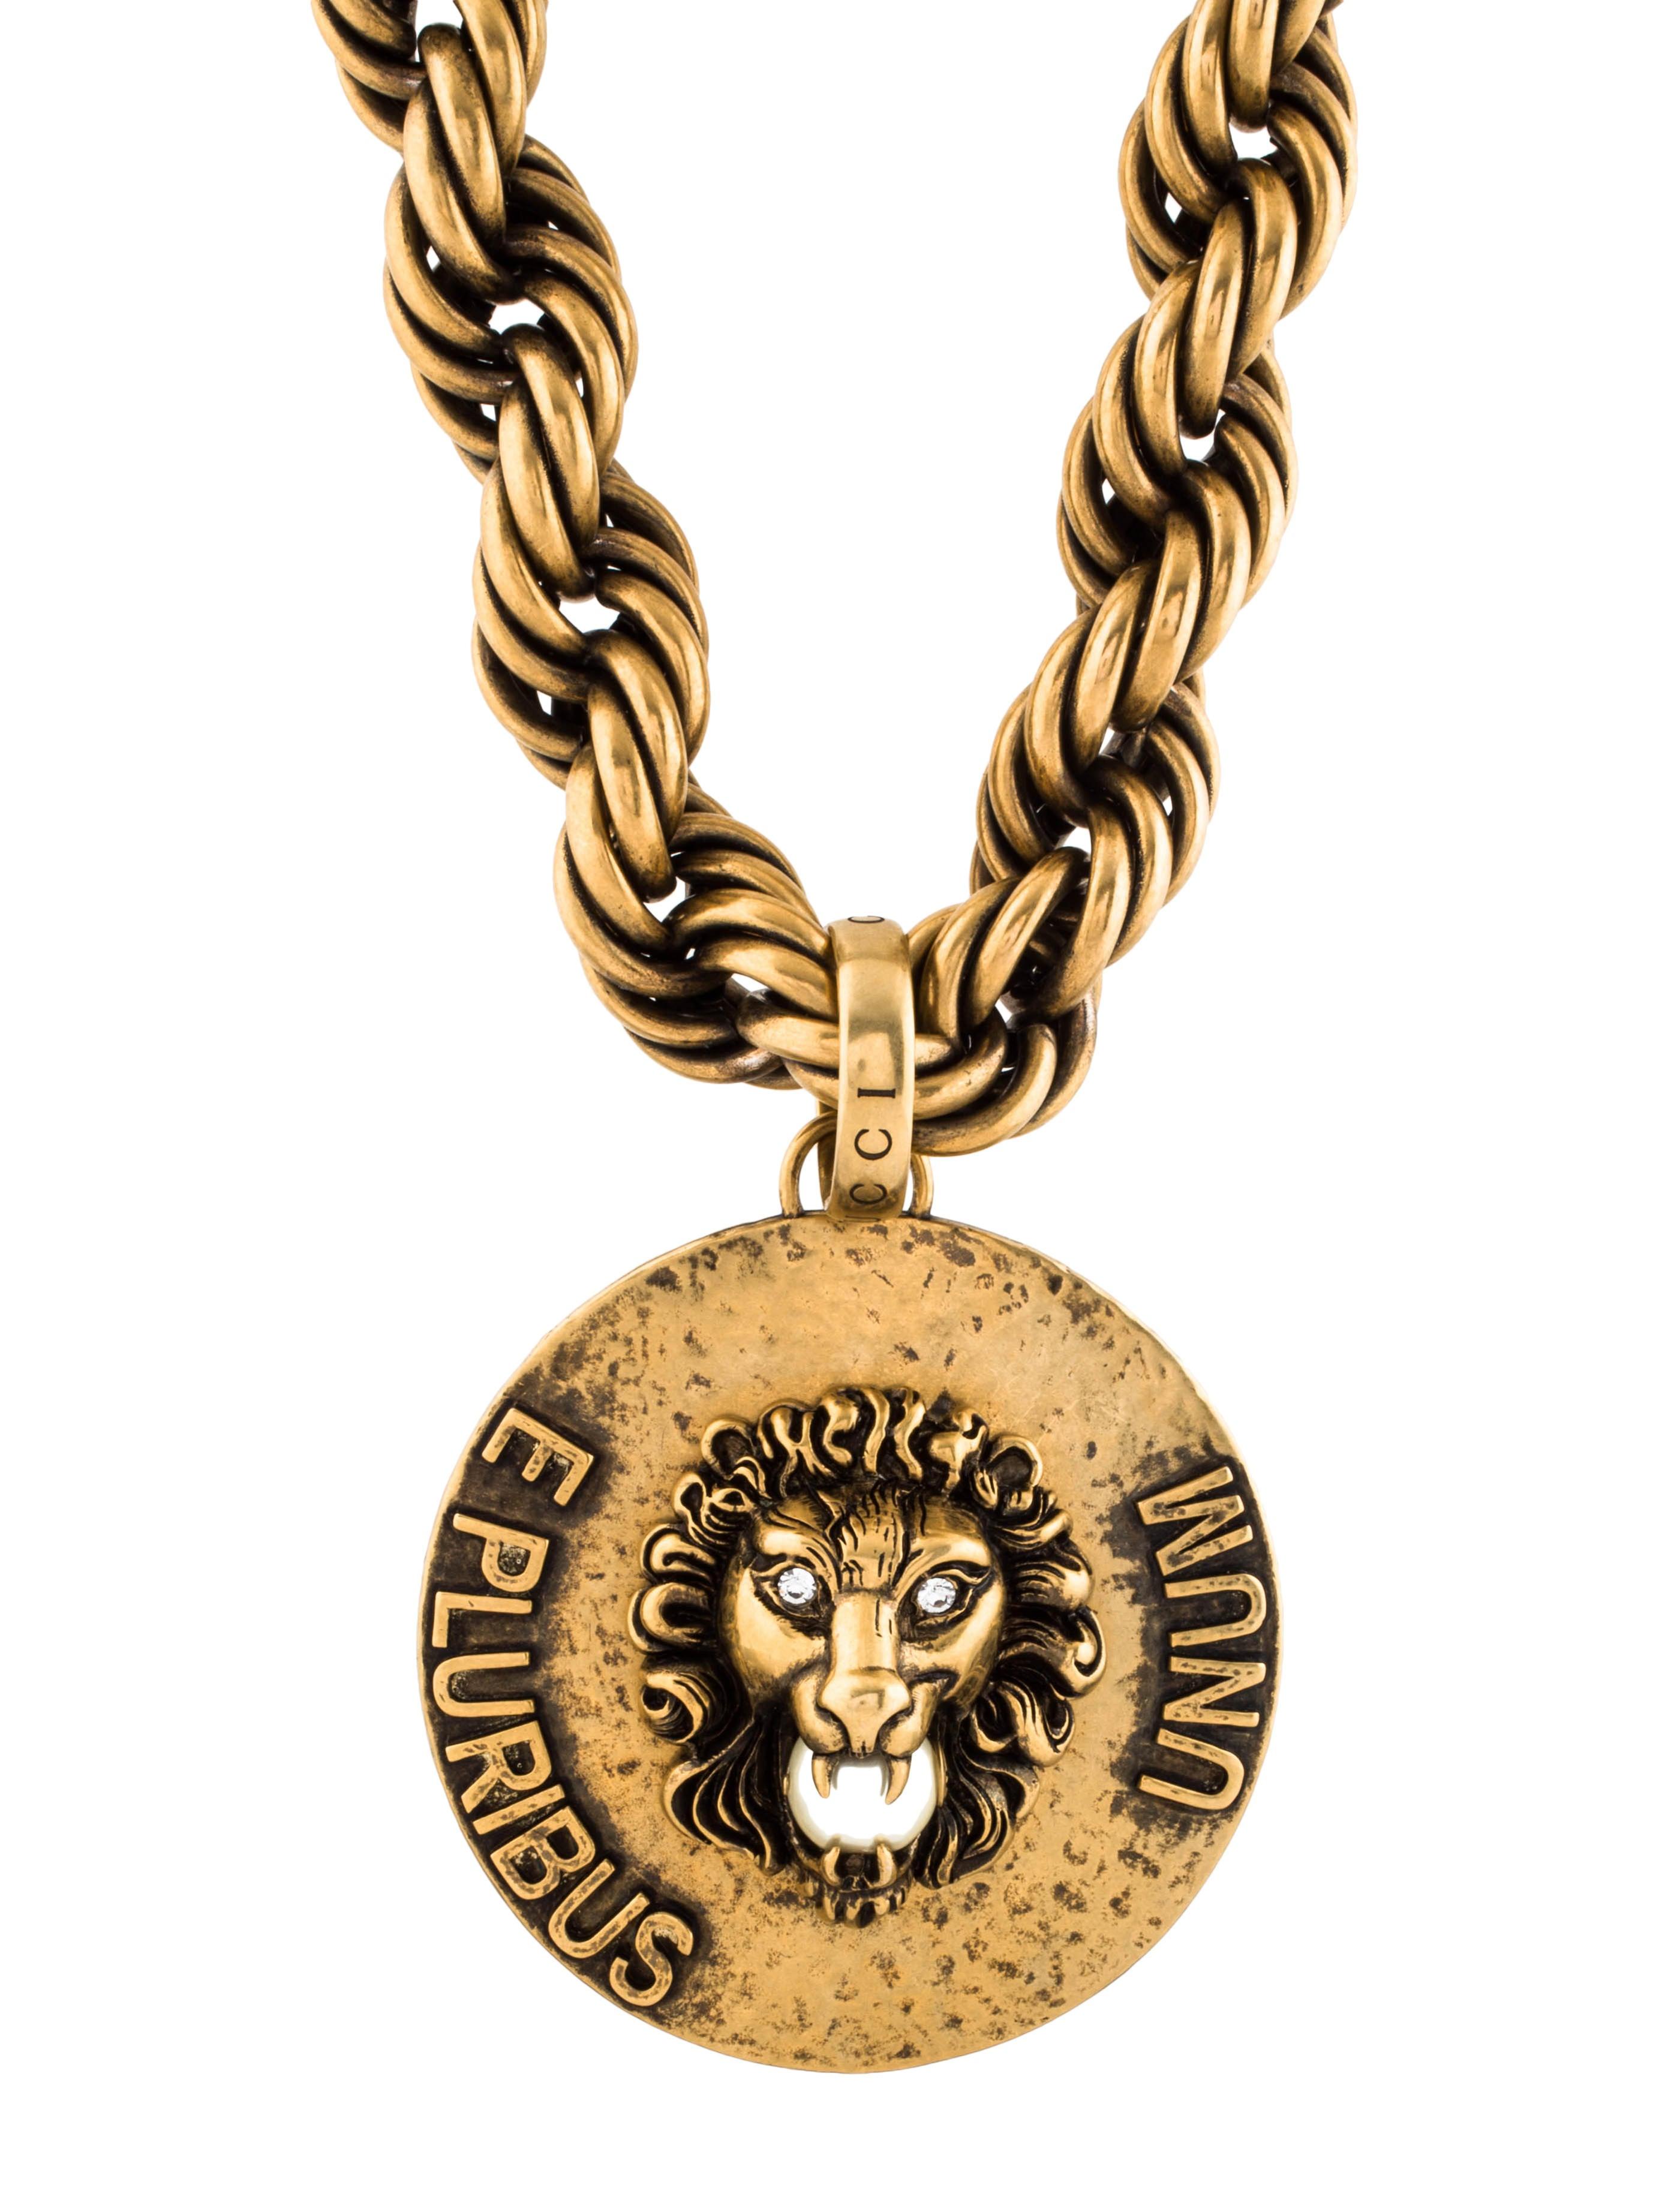 71ddde9d4 Gucci 2018 Dapper Dan Lion Head Pendant Necklace Necklaces